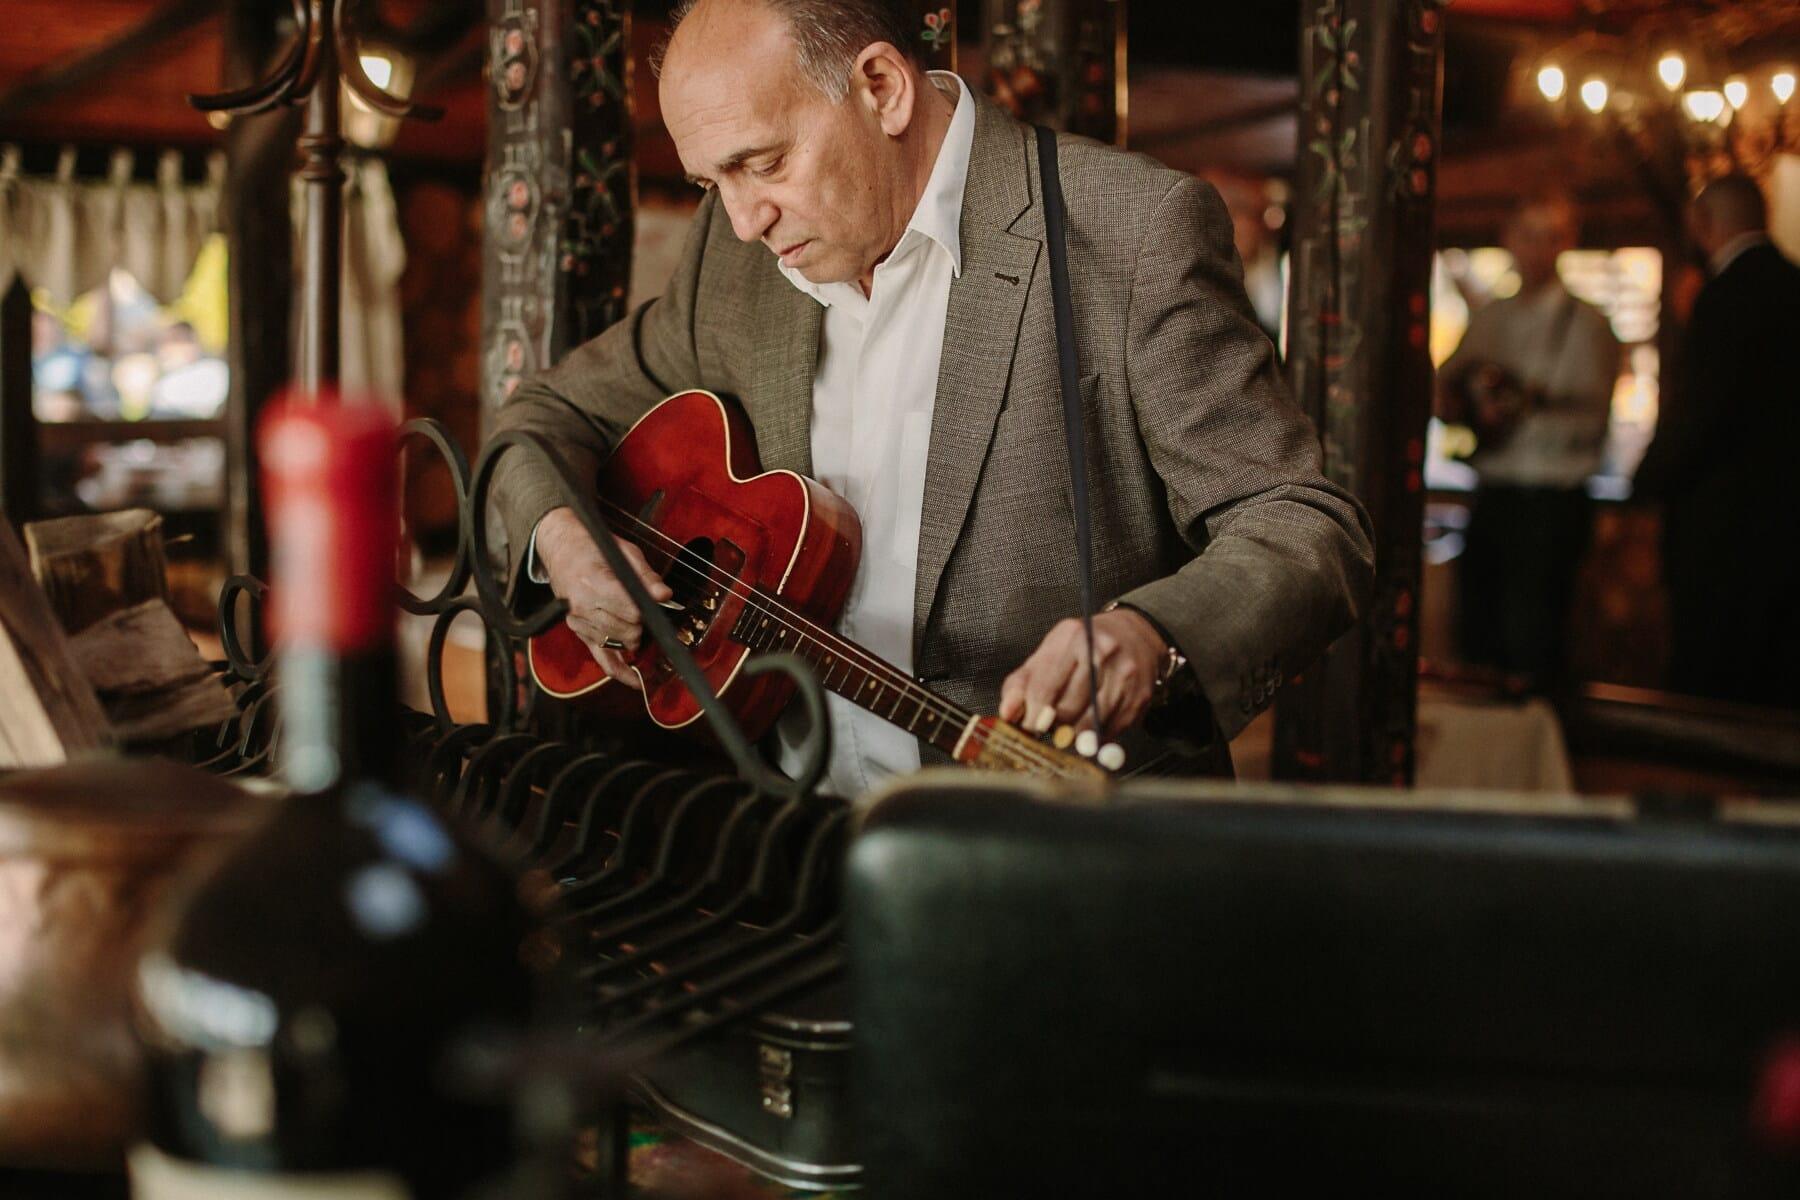 Zigeuner, Mann, Gitarrist, Gitarre, Jahrgang, Senior, Restaurant, Großvater, Musiker, Musik